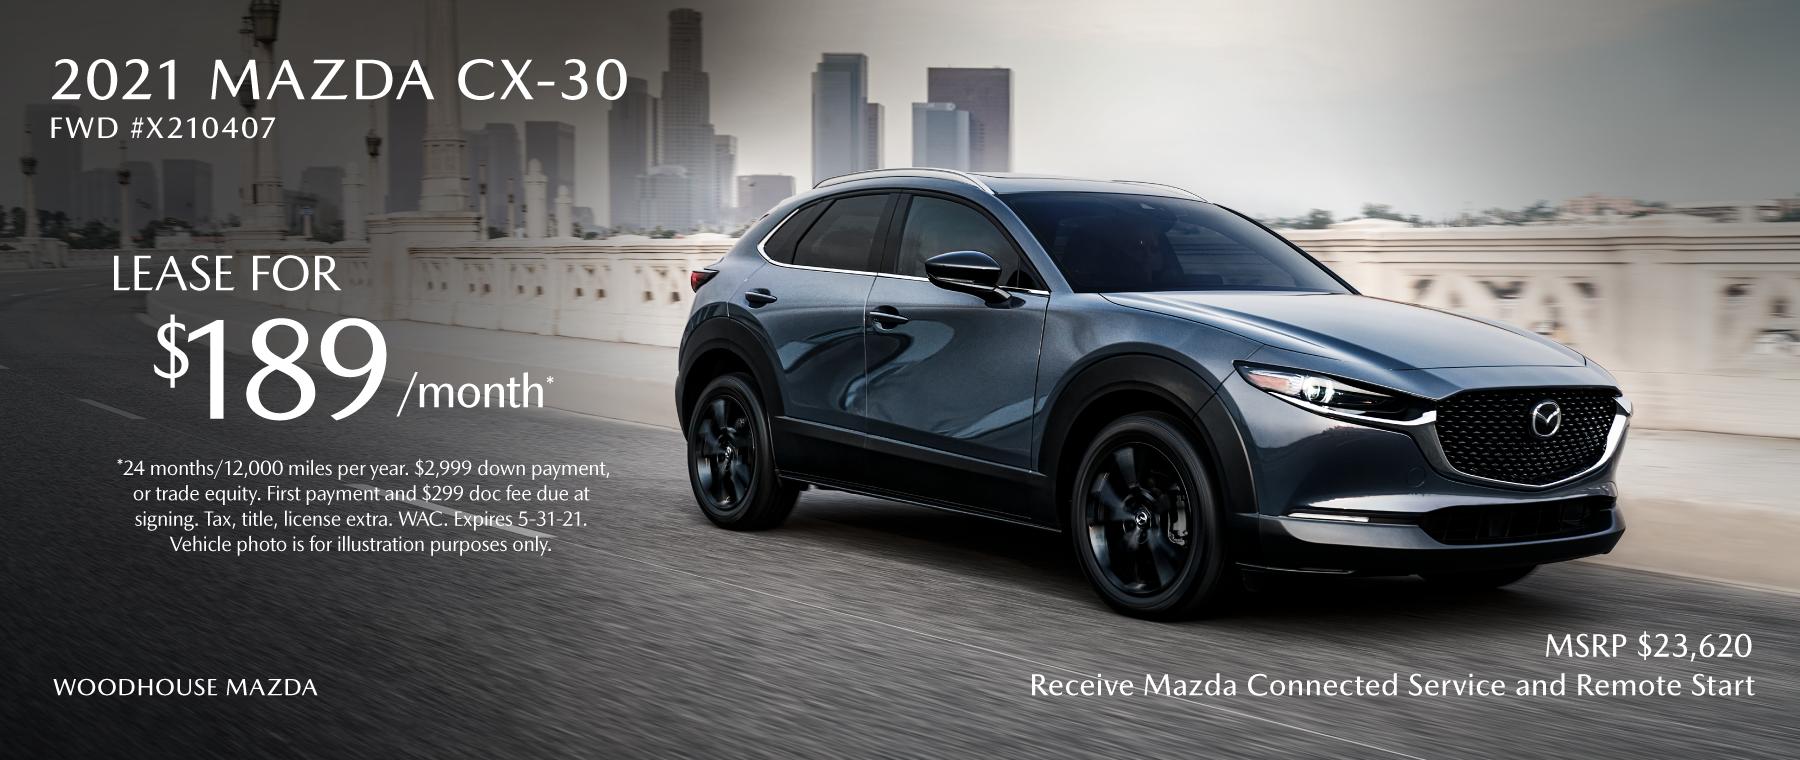 Mazda-Omaha-OEM-0521_CX30